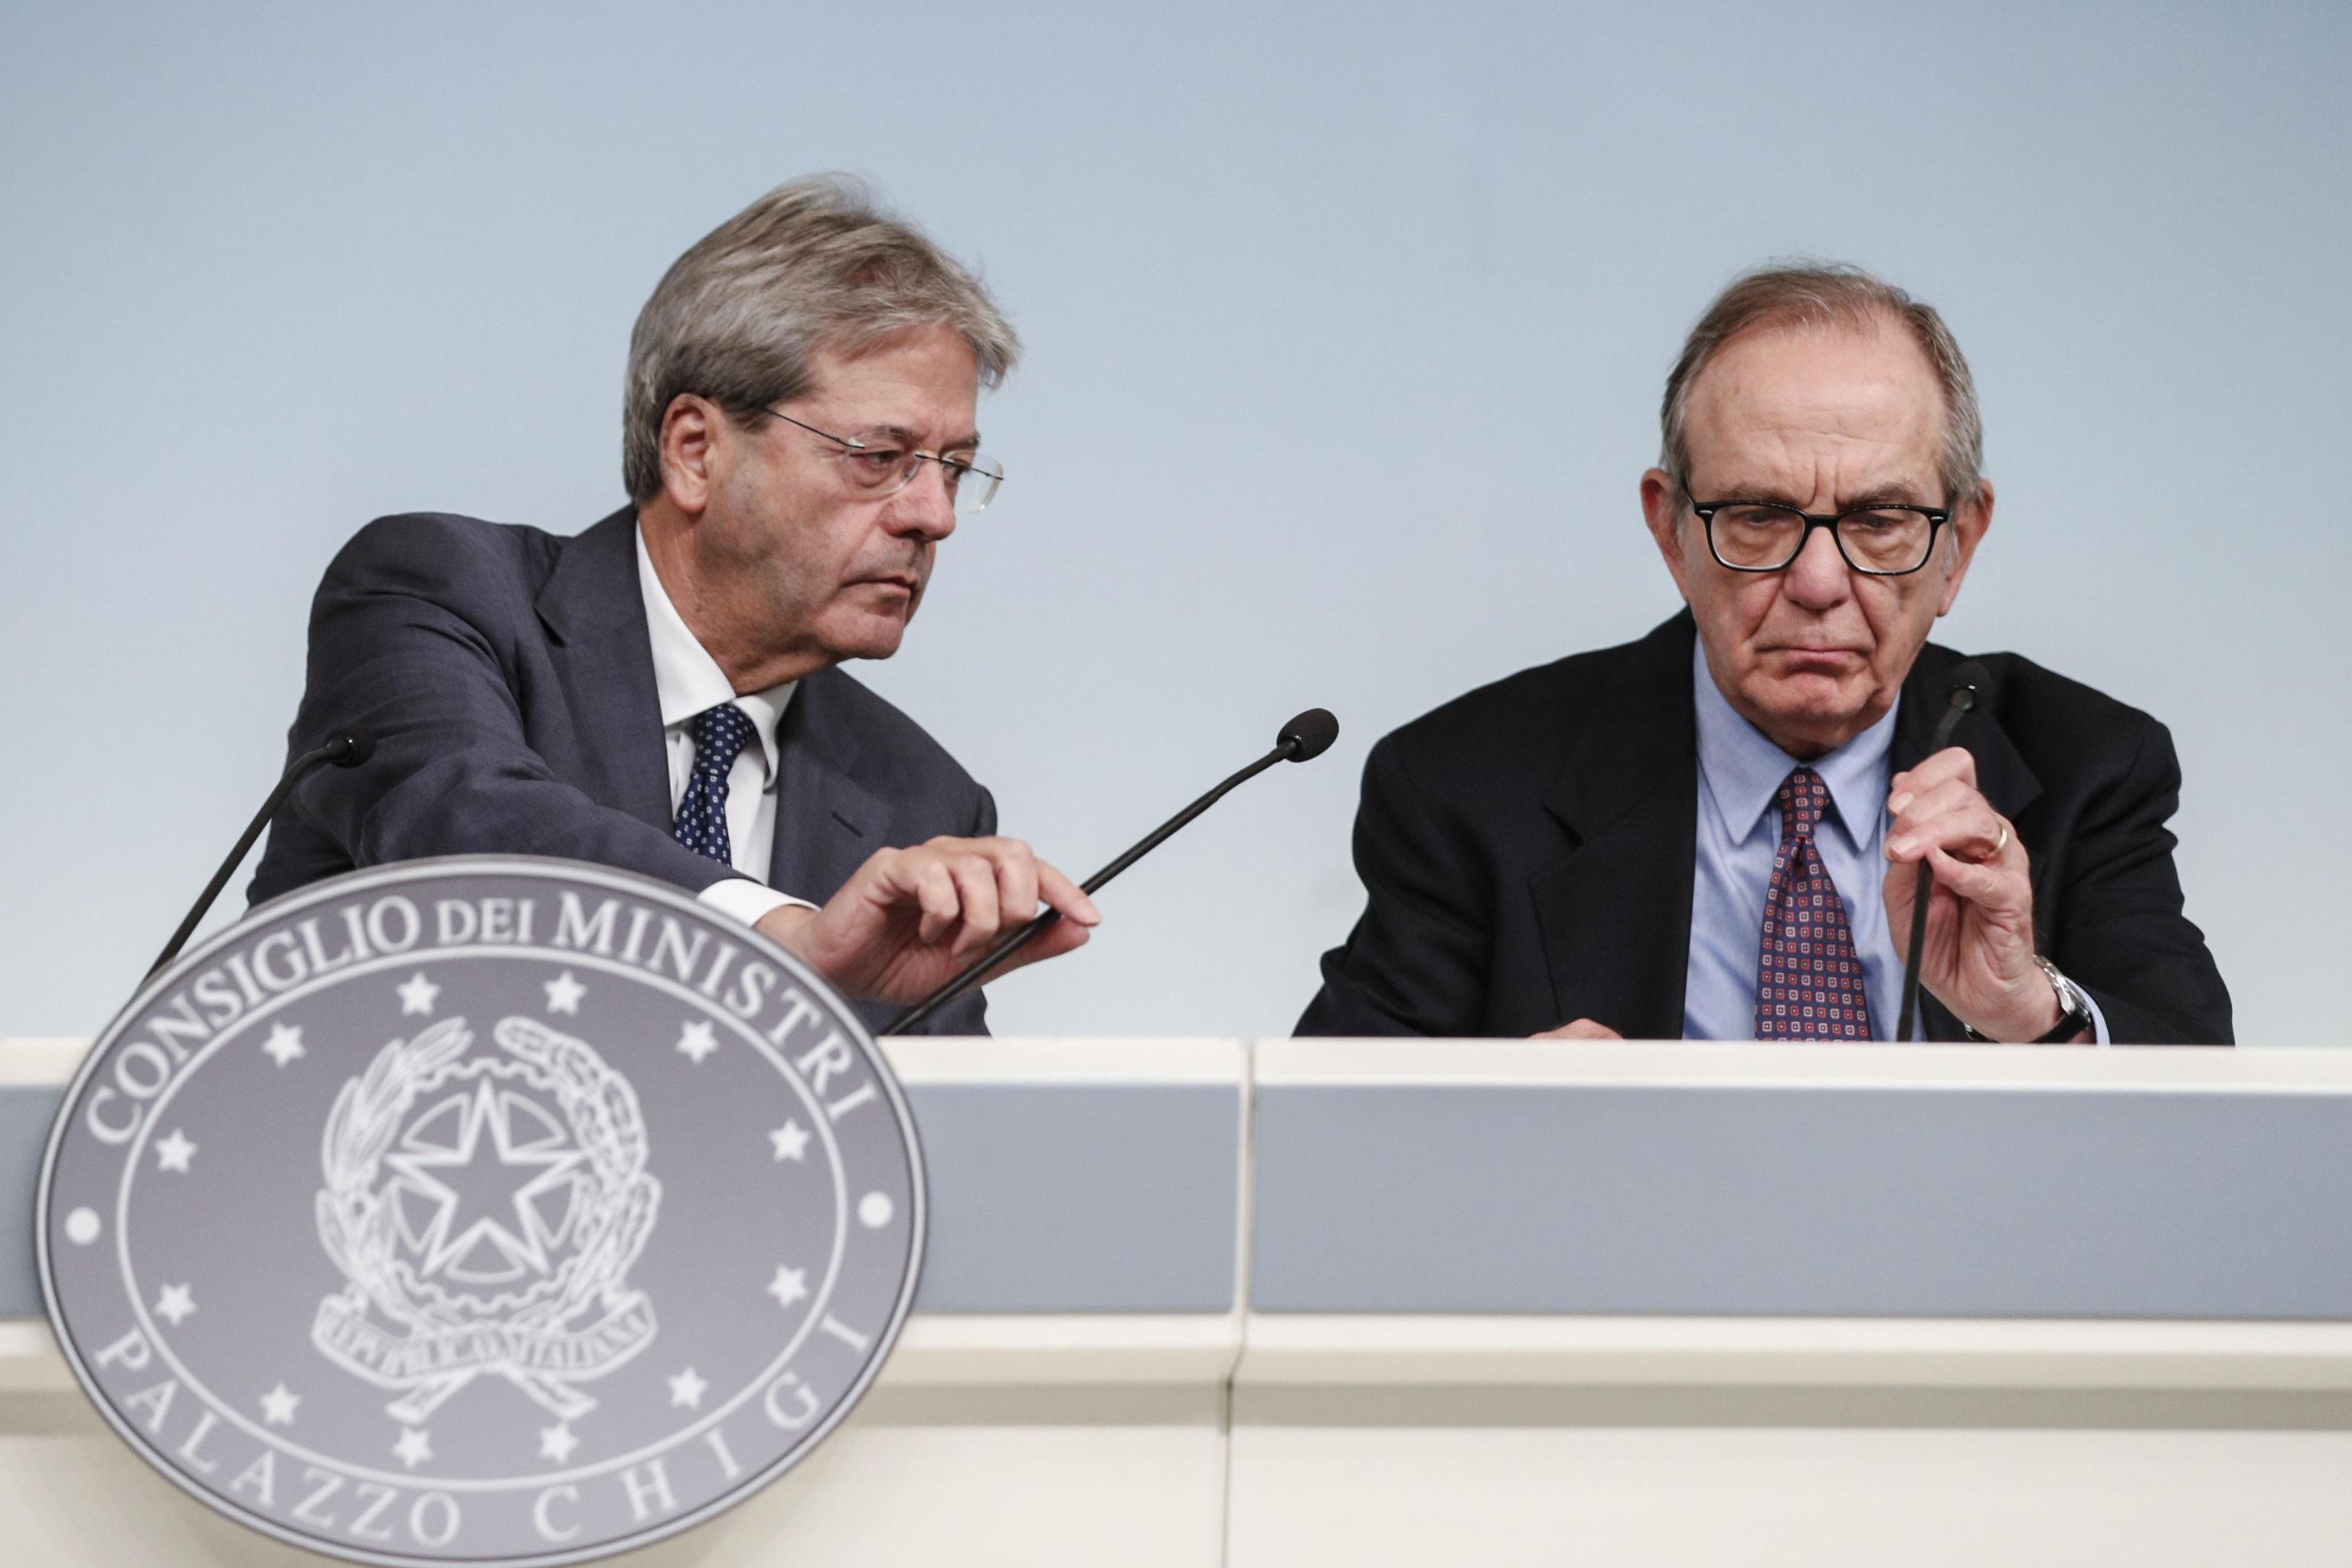 Legge di Bilancio 2018, la manovra punto per punto: guida con tutte le novità fiscali